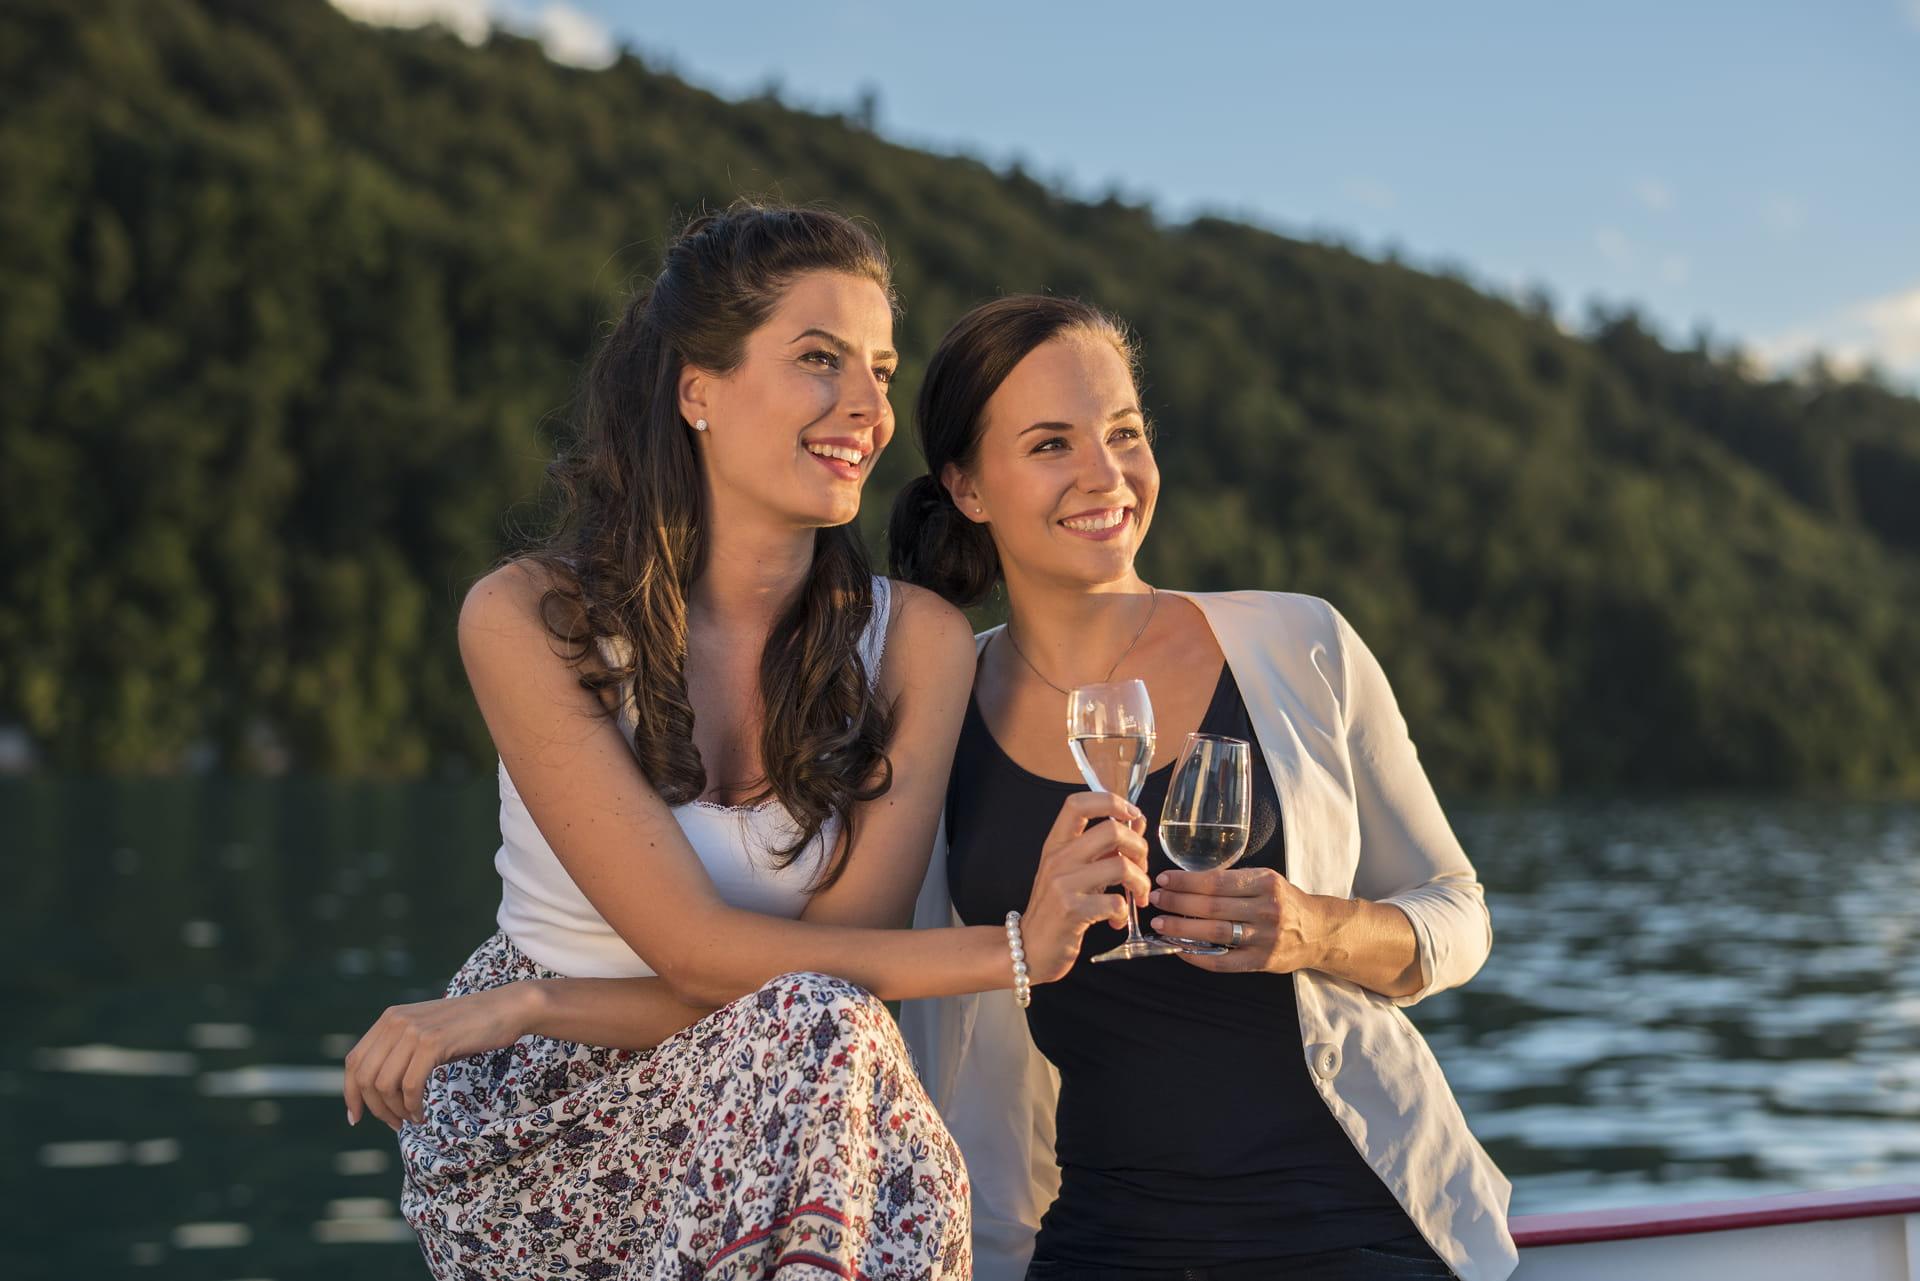 Verbringen Sie den 1. August auf dem Brienzersee und geniessen Sie ein kühles Getränk auf dem Deck des Schiffs.